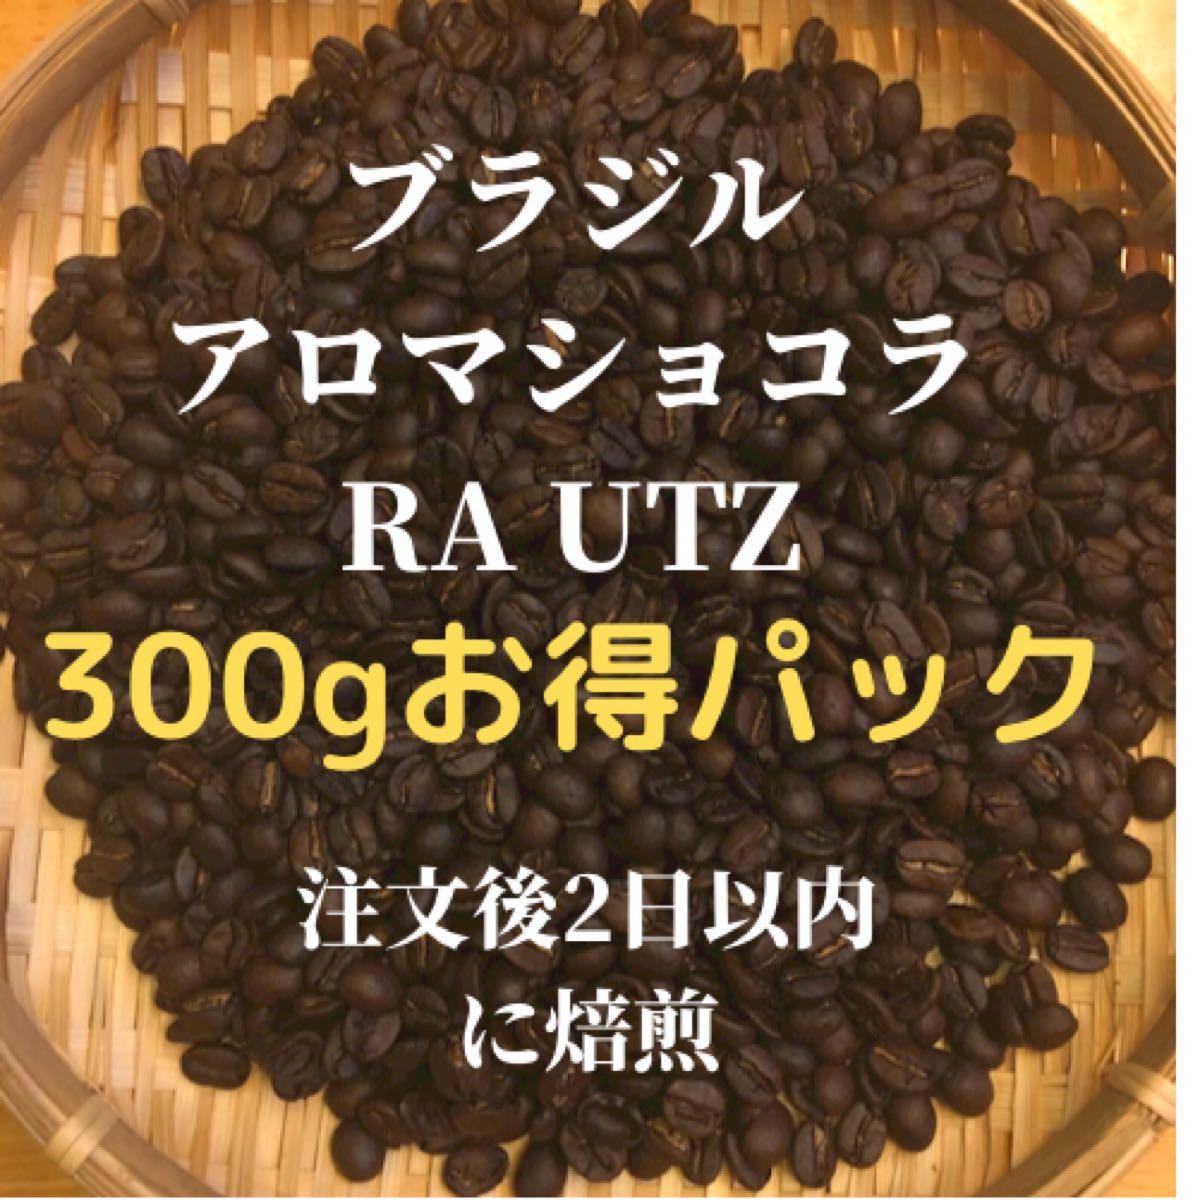 自家焙煎 ブラジル アロマショコラRA UTZ 300g(豆又は粉)匿名配送